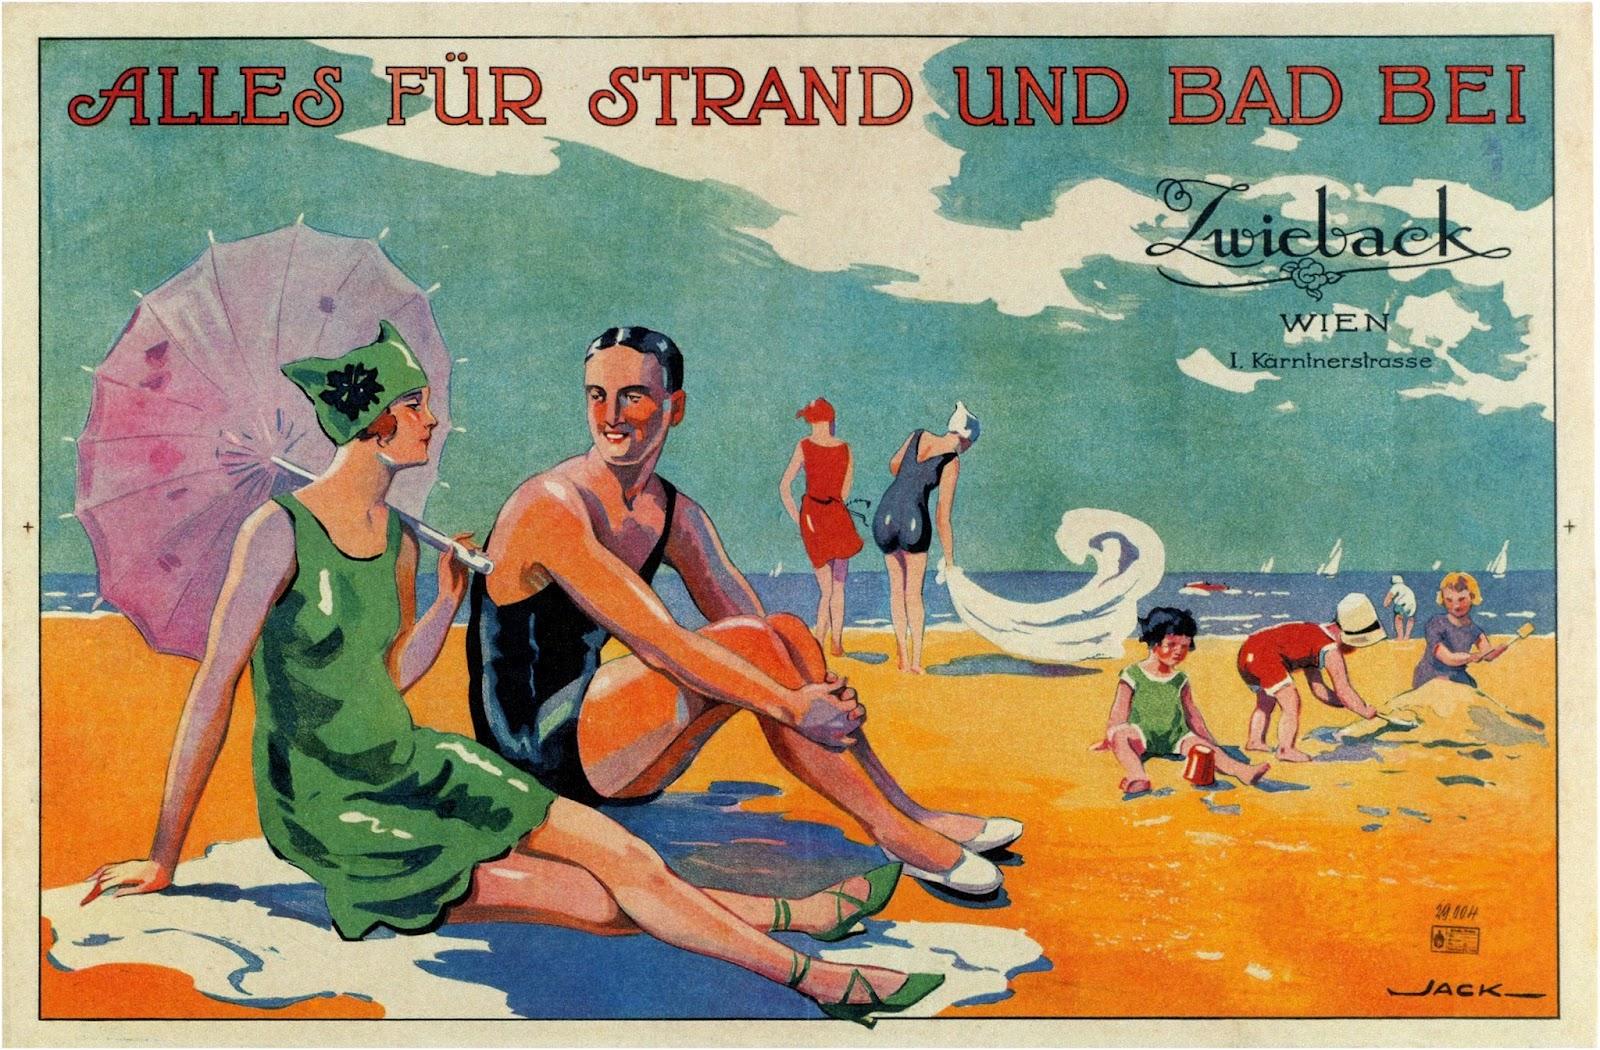 1925-Alles-Fur-Strand-Und-Bad-Bei-Zwieback-Wien.jpg